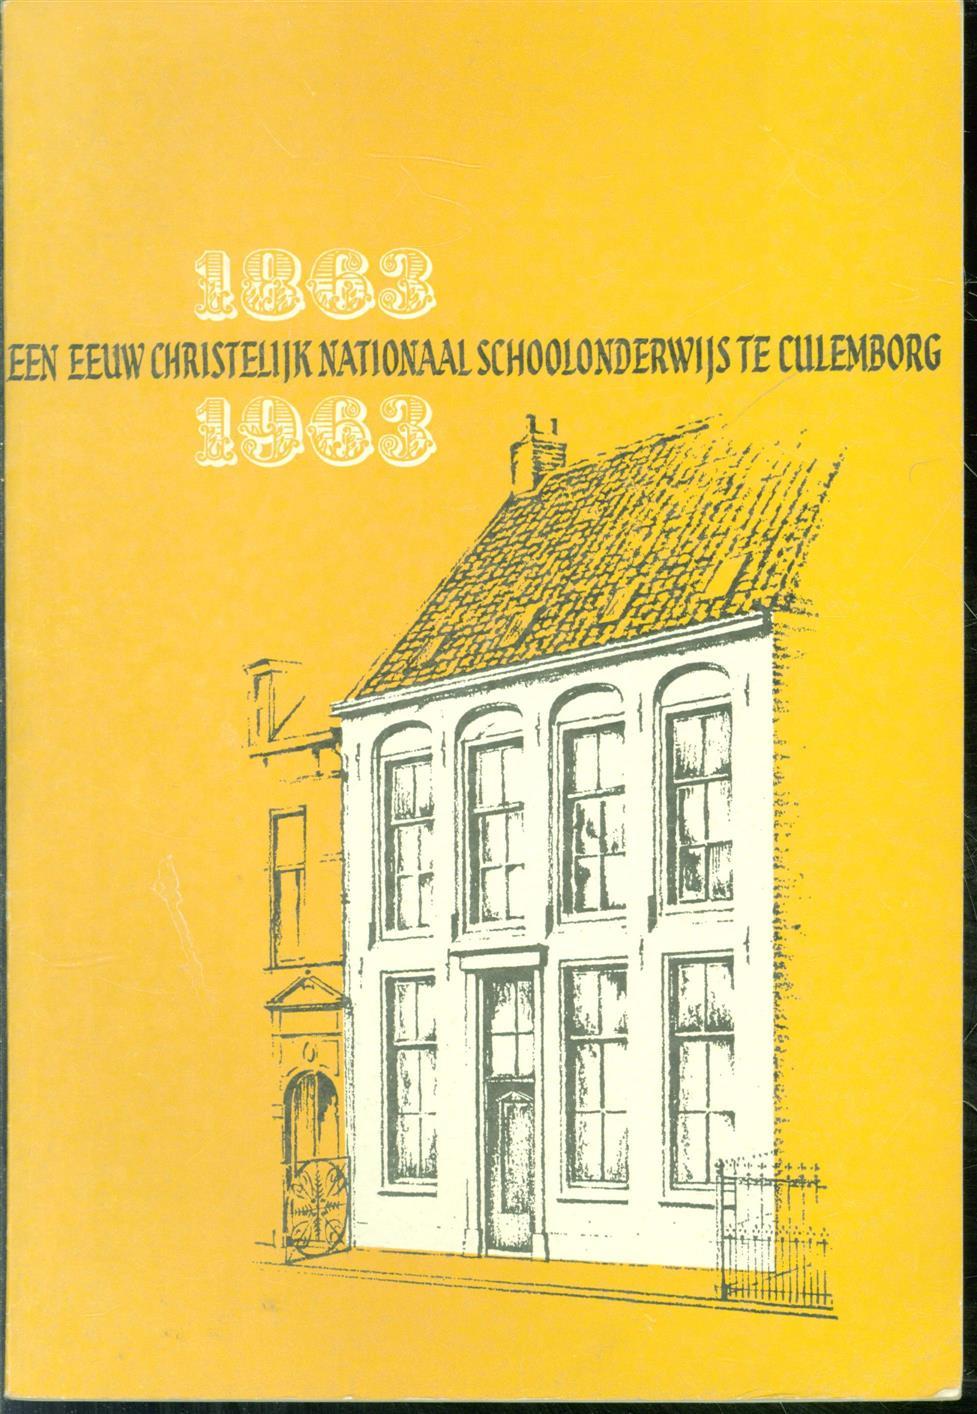 Broeke, D. ten, R. Kooistra., M. Sepers. - 1863 - 1963 Een eeuw nationaal schoolonderwijs te Culemborg